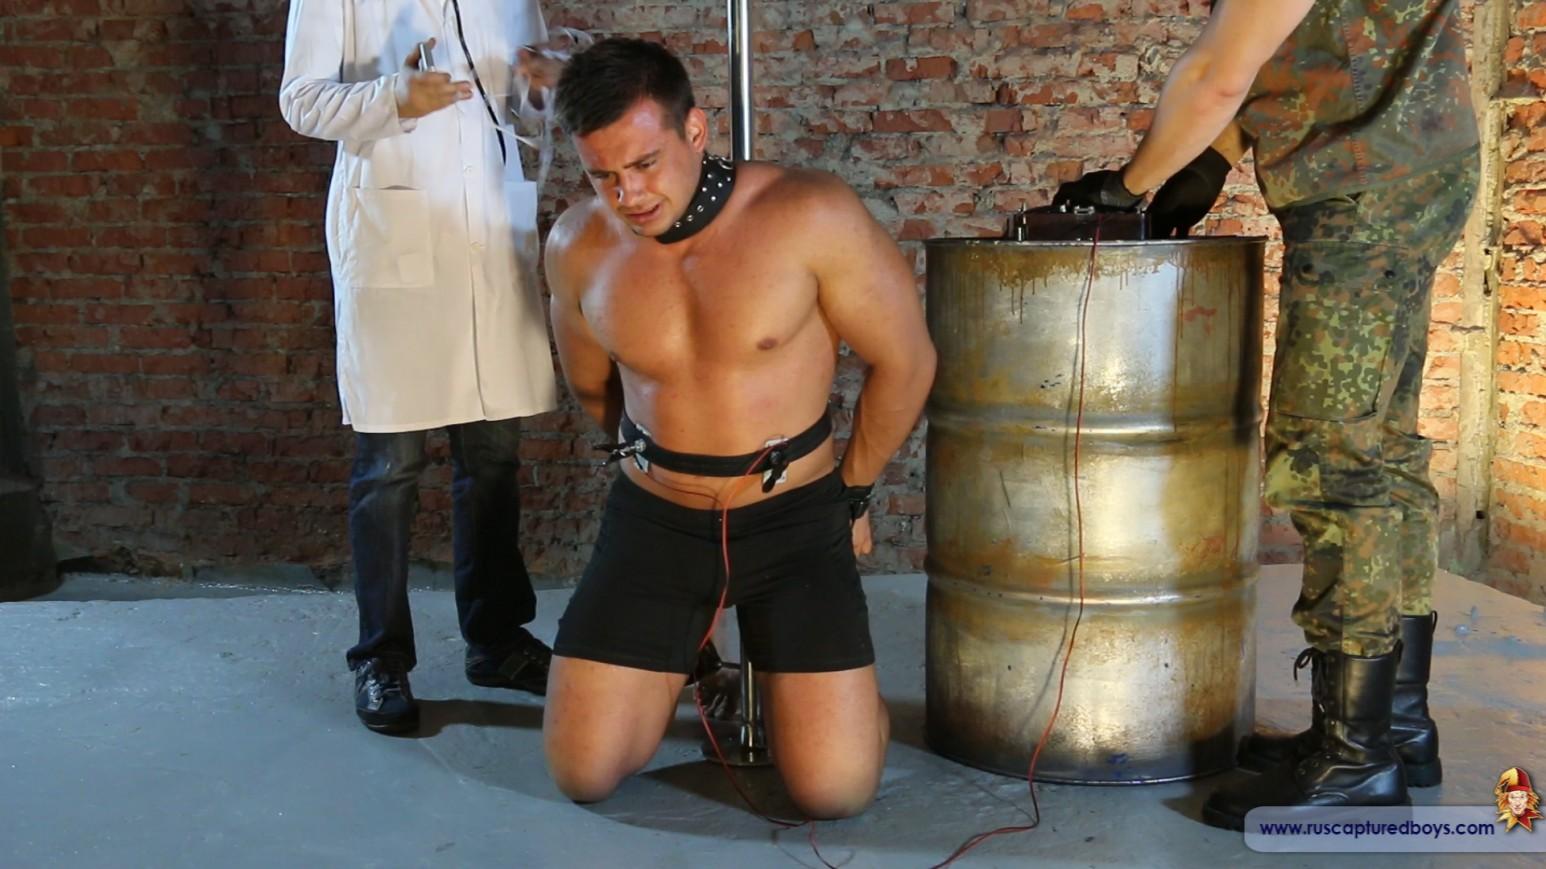 gay bondage BDSM